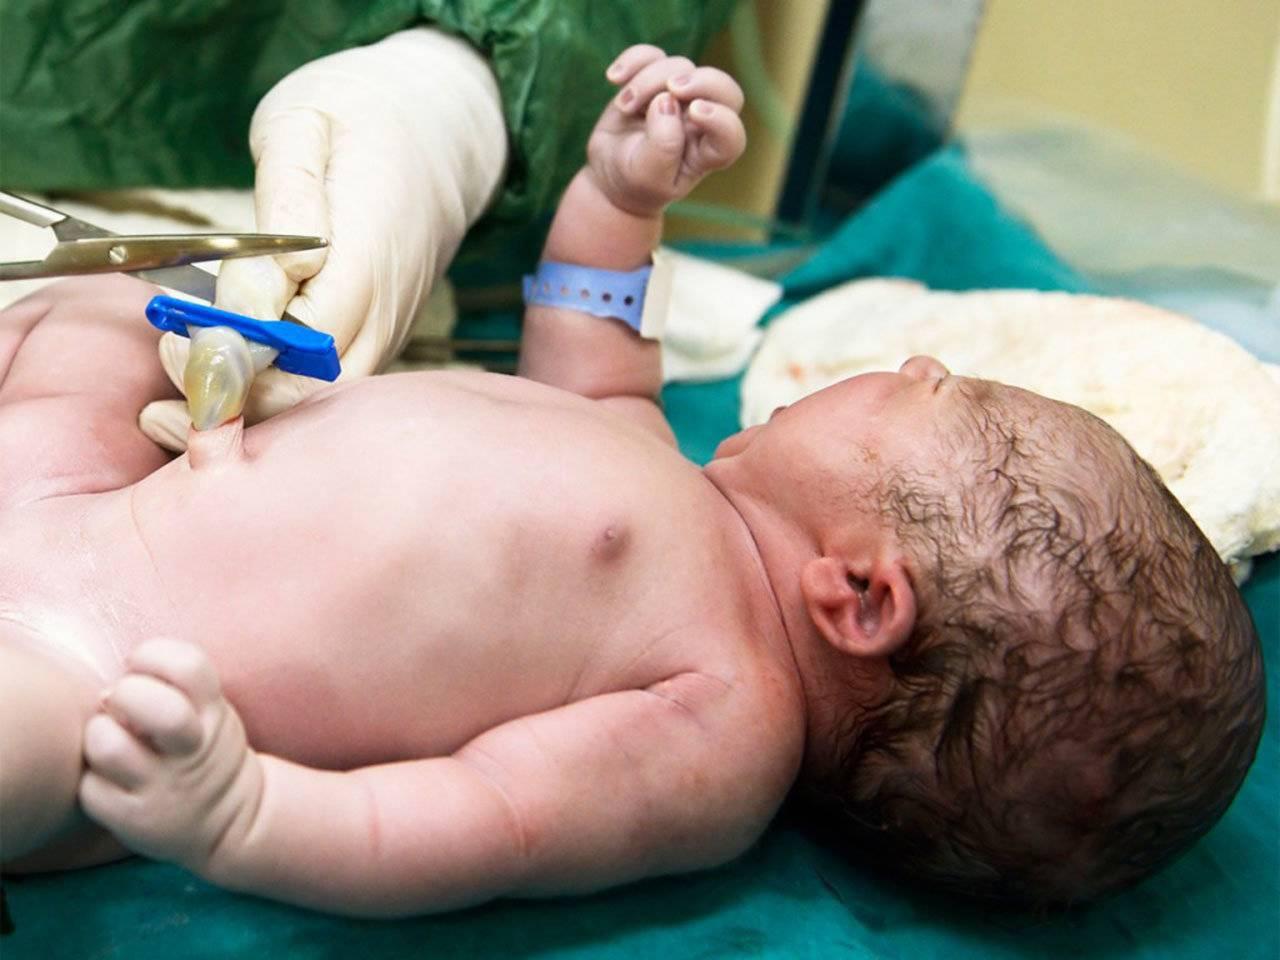 Пуповина (29 фото): как выглядит у новорожденного, как связана с матерью и куда девается после родов, ее длины, принципы и функции